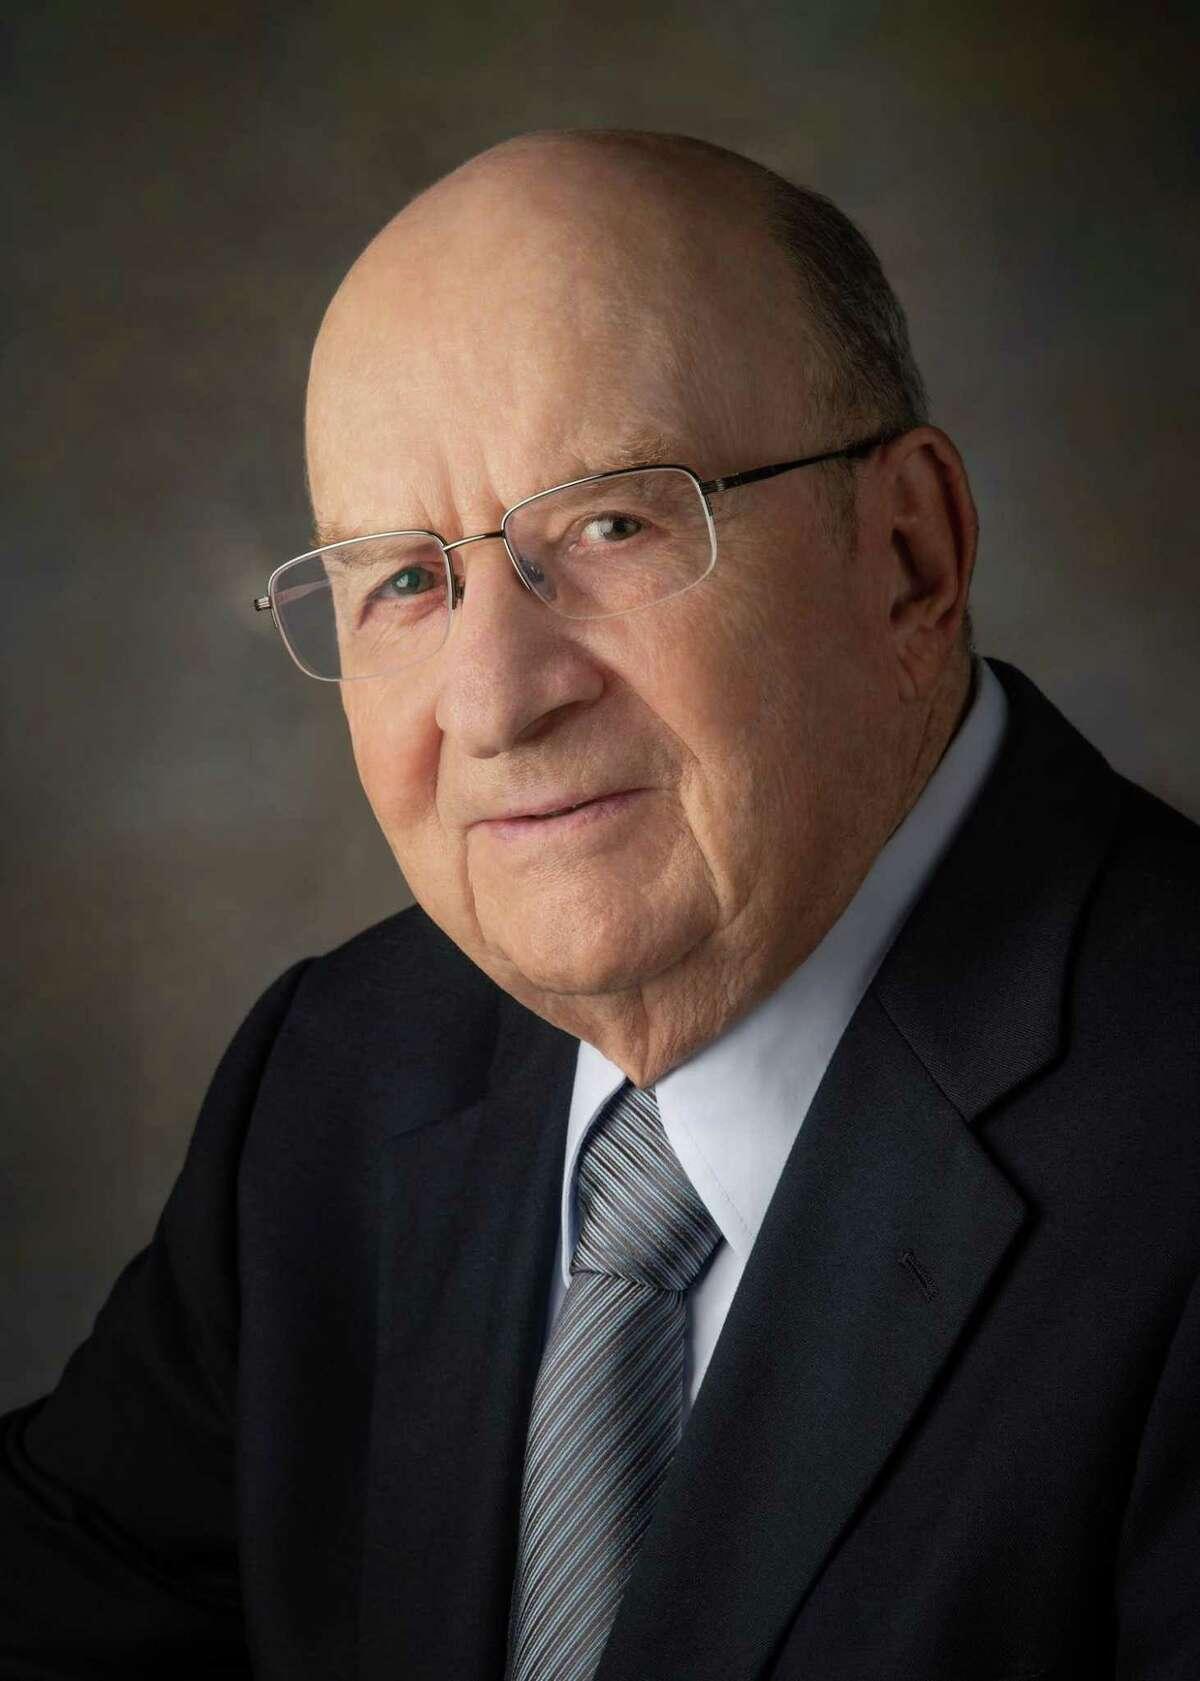 Paul Van Buskirk